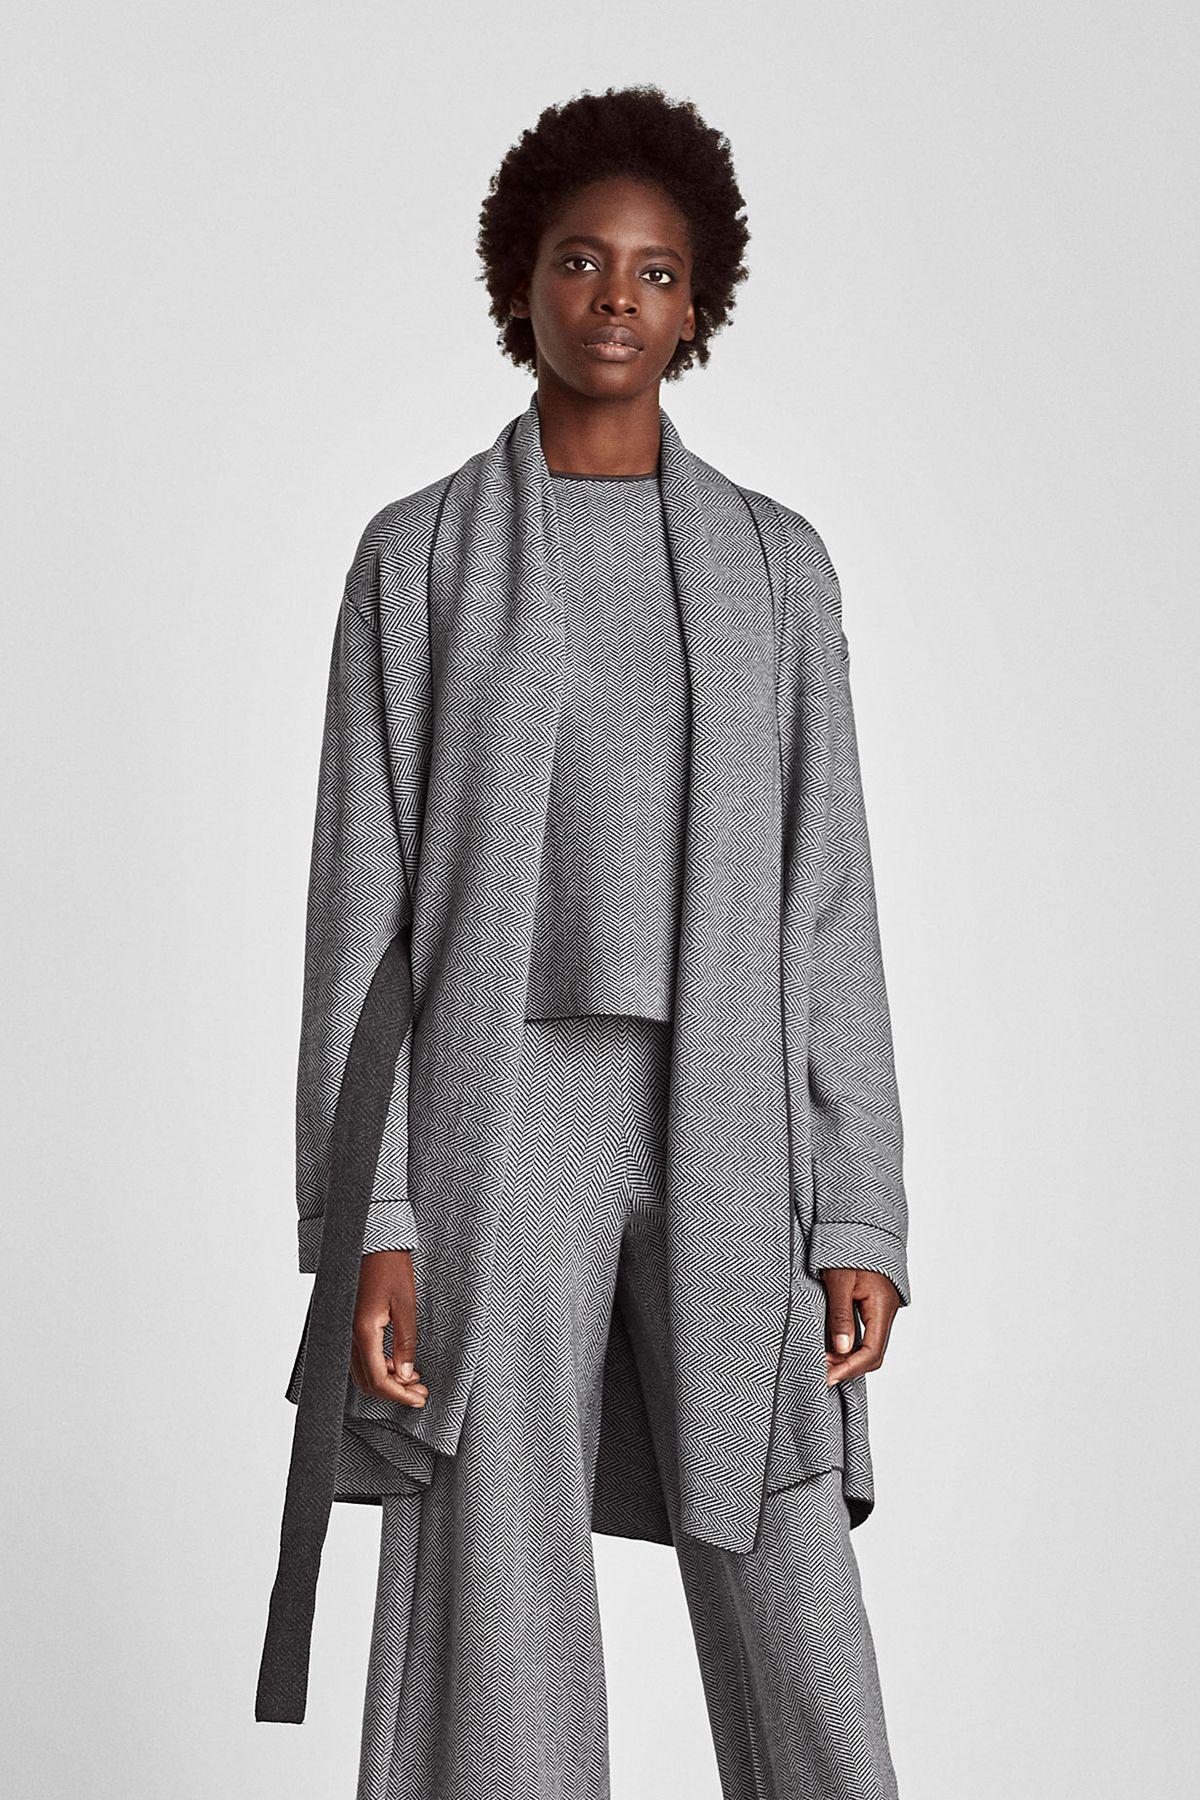 a grey wrap sweater